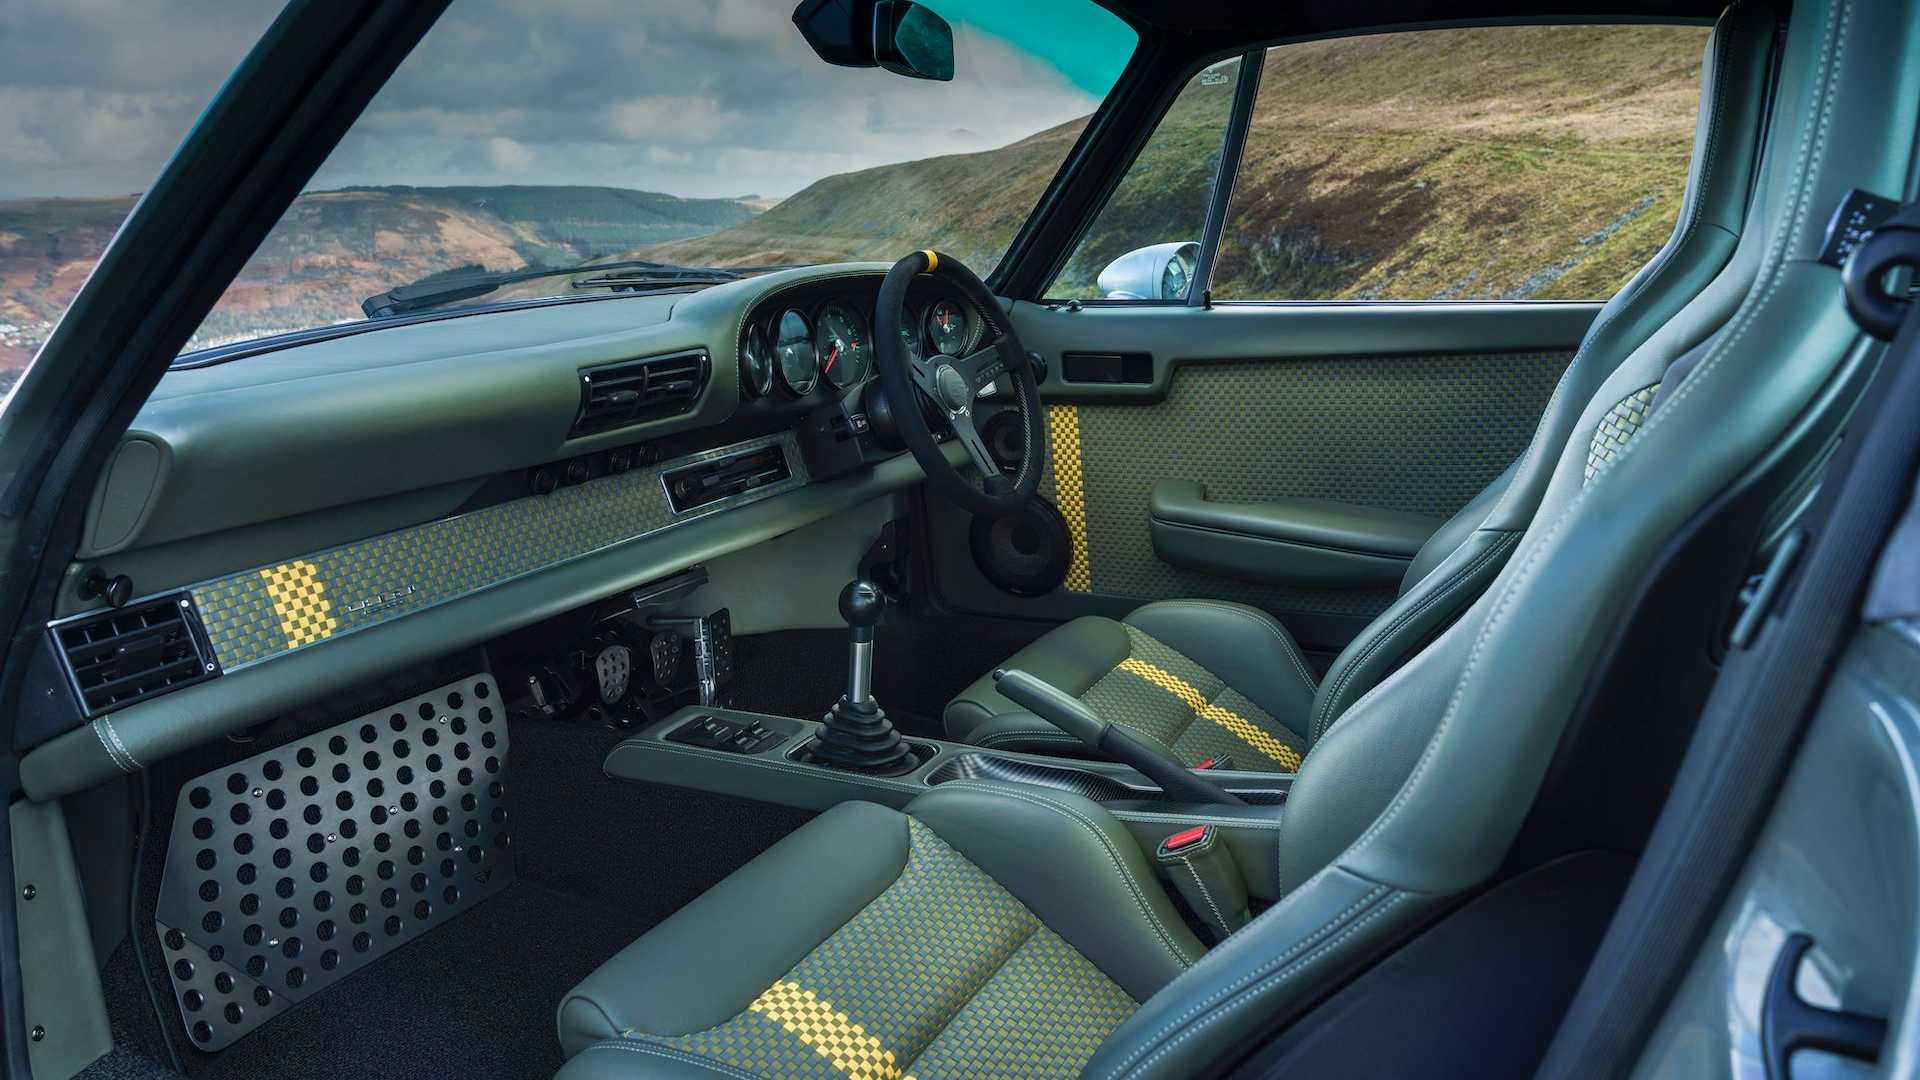 Theon-Design-HK002-Porsche-911-47